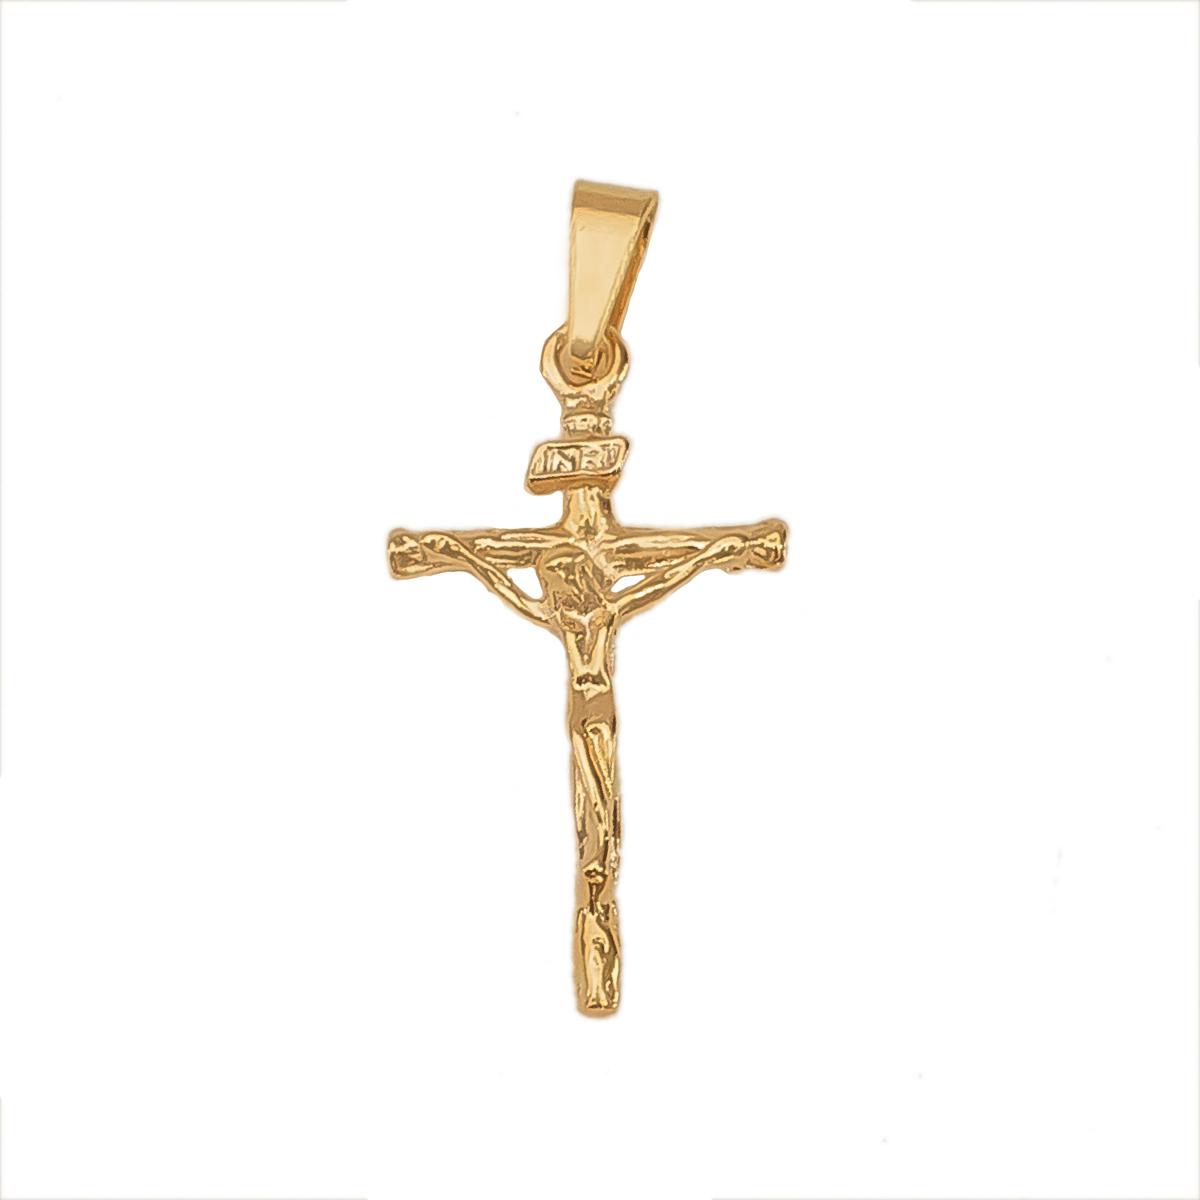 Pingente Crucifixo Com Imagem De Cristo Folheado Em Ouro